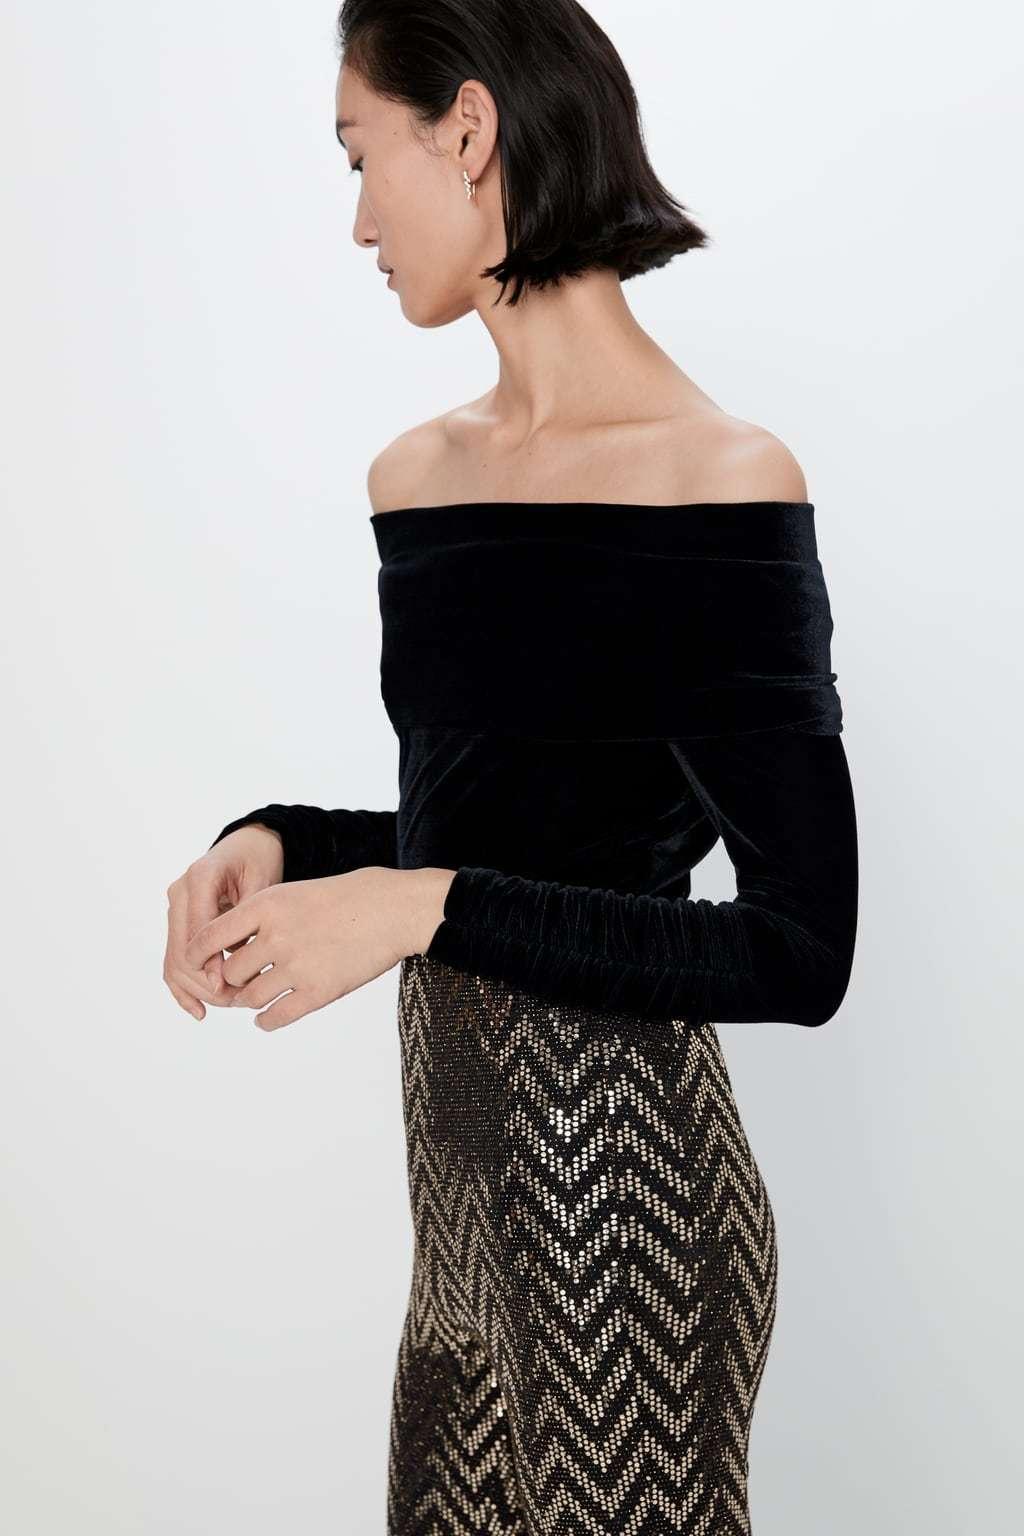 Body de terciopelo de Zara (22,95 euros).